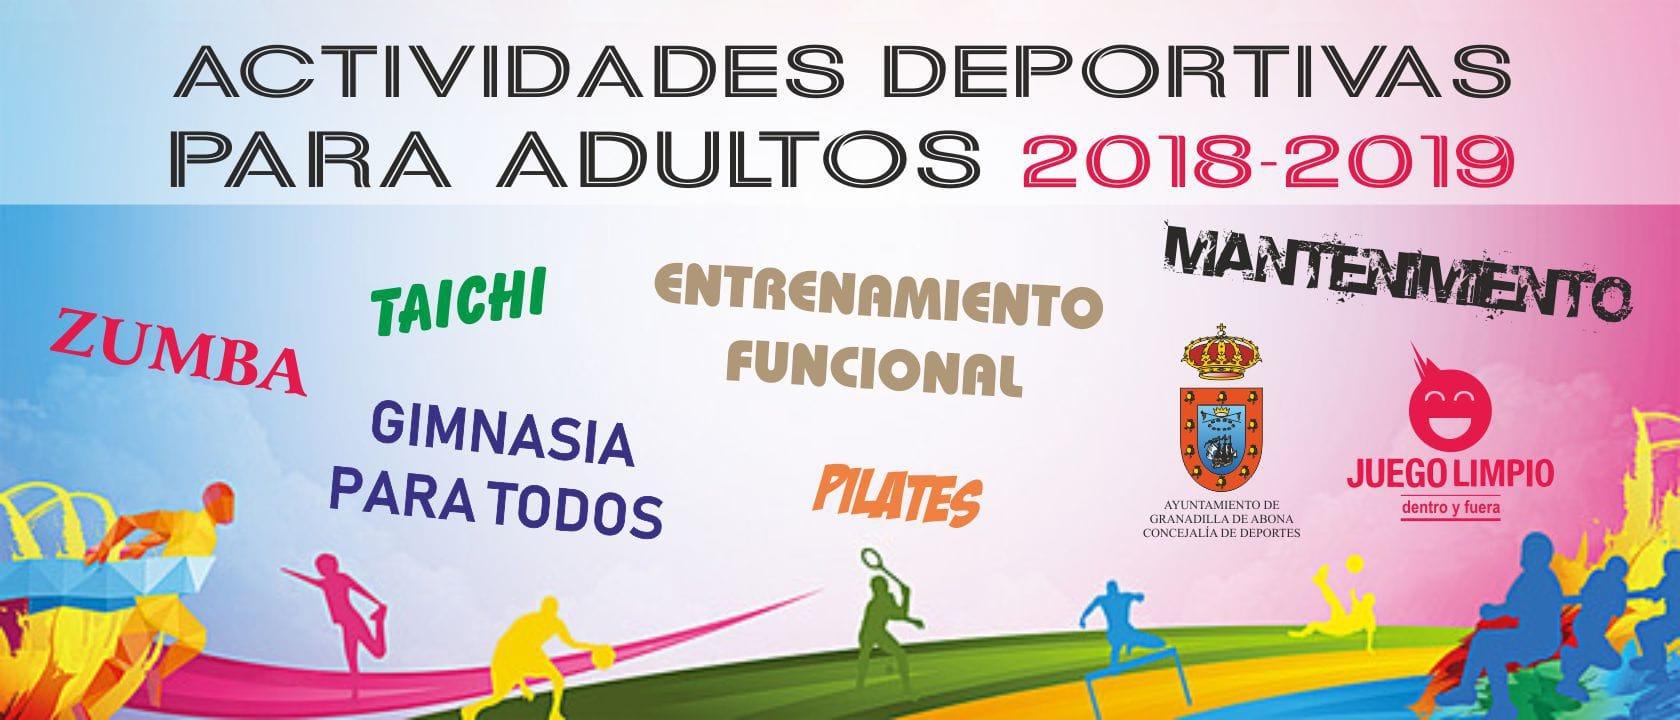 La inscripción a las 'Actividades Deportivas para Adultos 2018-2019' sigue abierta